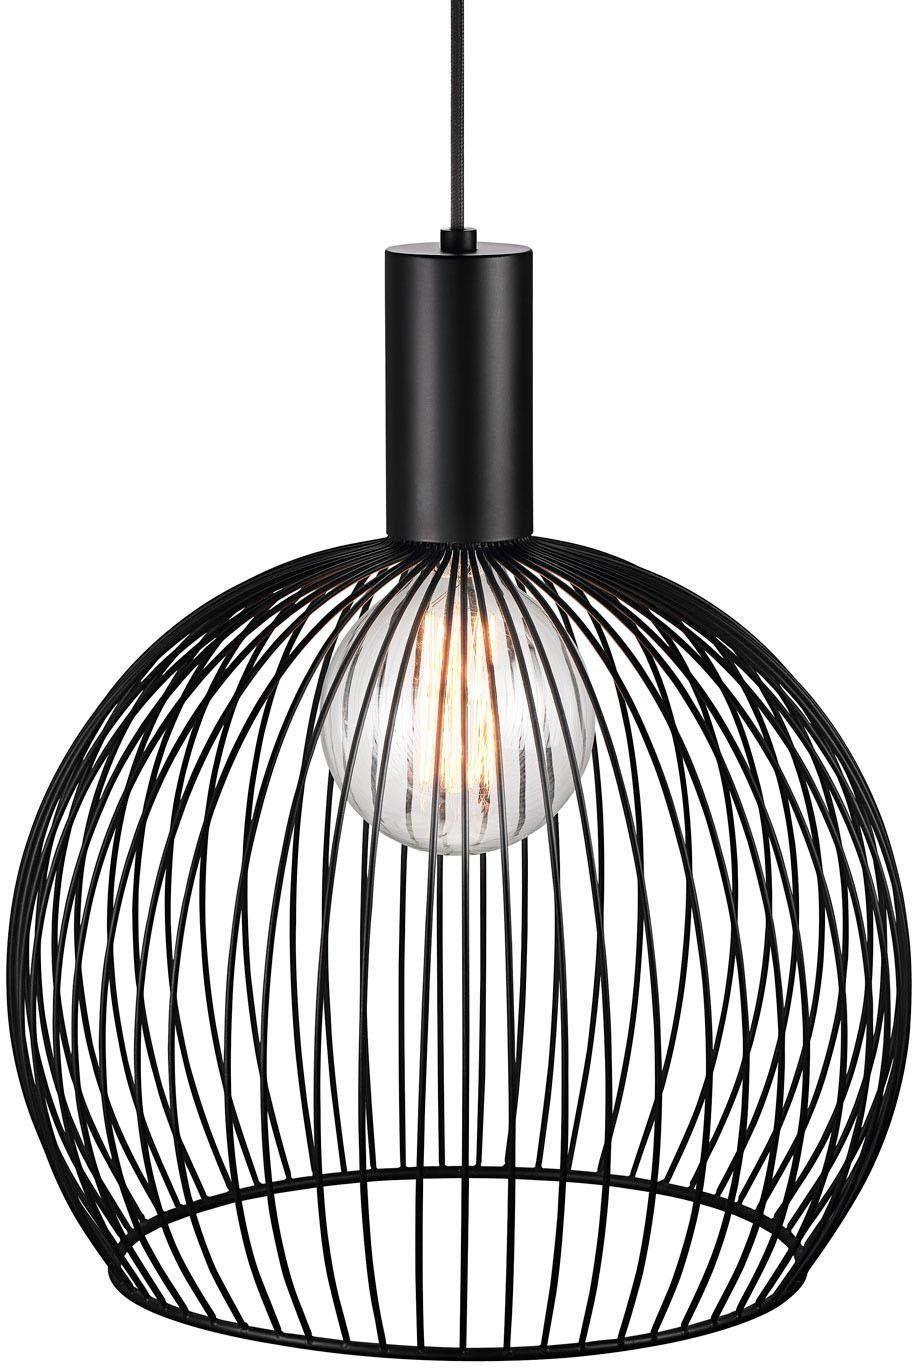 Nordlux Pendelleuchte Aver 40 1 Flammig Jetzt Bestellen Unter Https Moebel Ladendirekt De Lampen Deckenl Pendelleuchte Schwarz Hangeleuchte Pendelleuchte